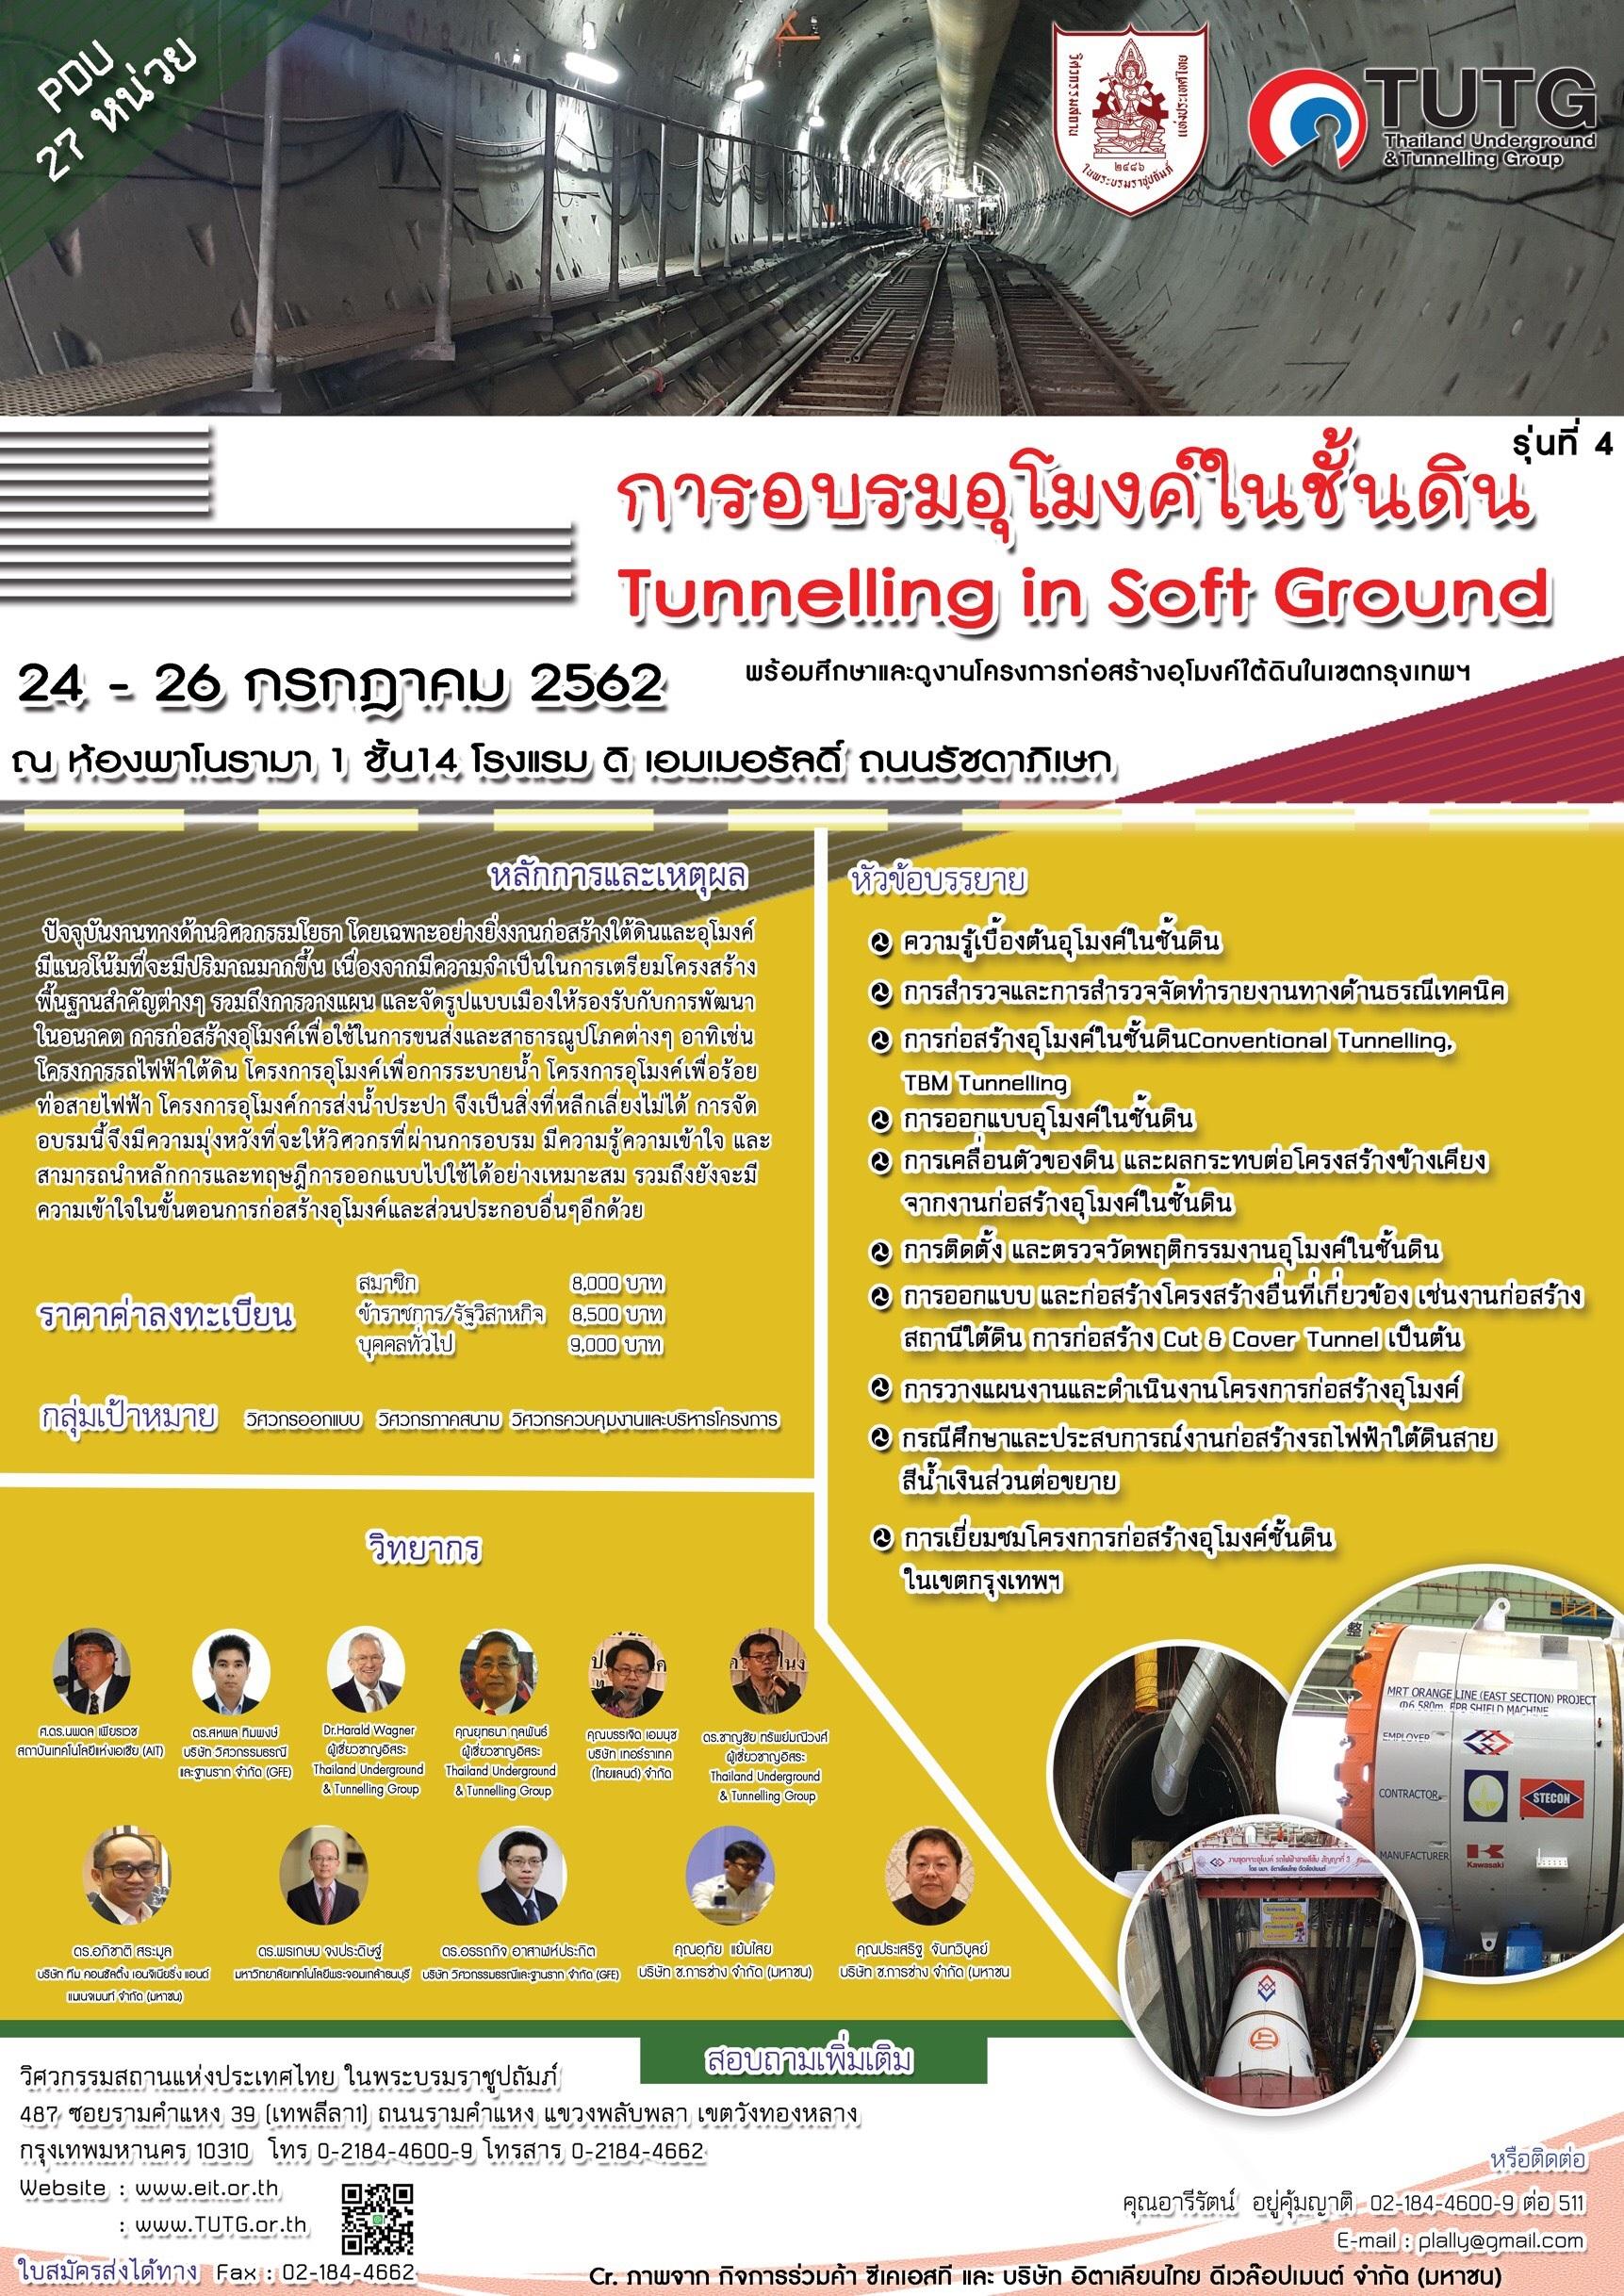 24-26/07/2562  การอบรมอุโมงค์ในชั้นดิน (Tunnelling in Soft Ground) รุ่นที่ 4